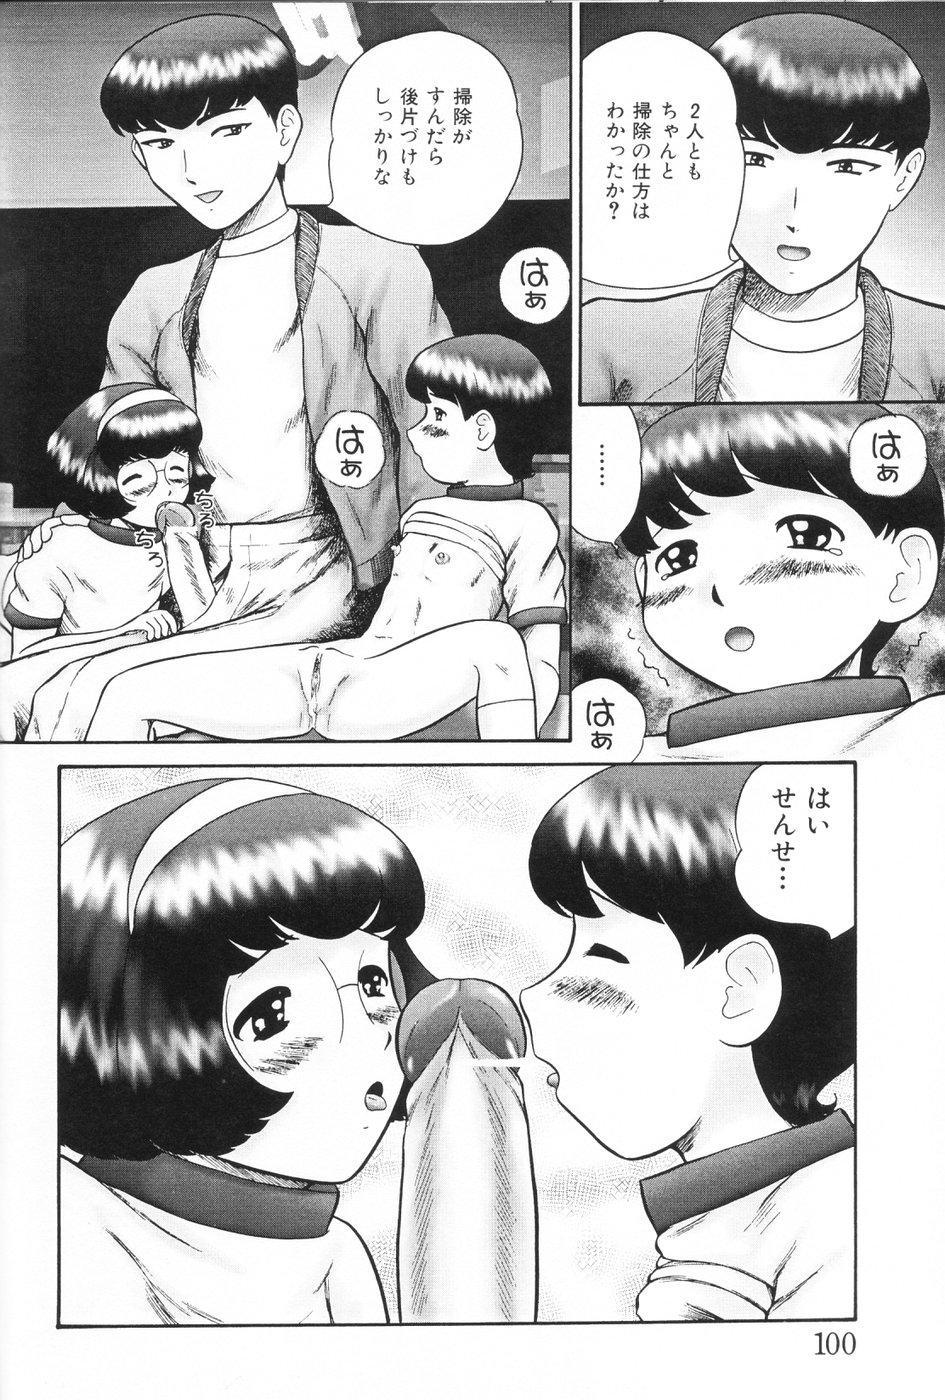 Koneko Genki!! - Powerful Pussycat!! 101